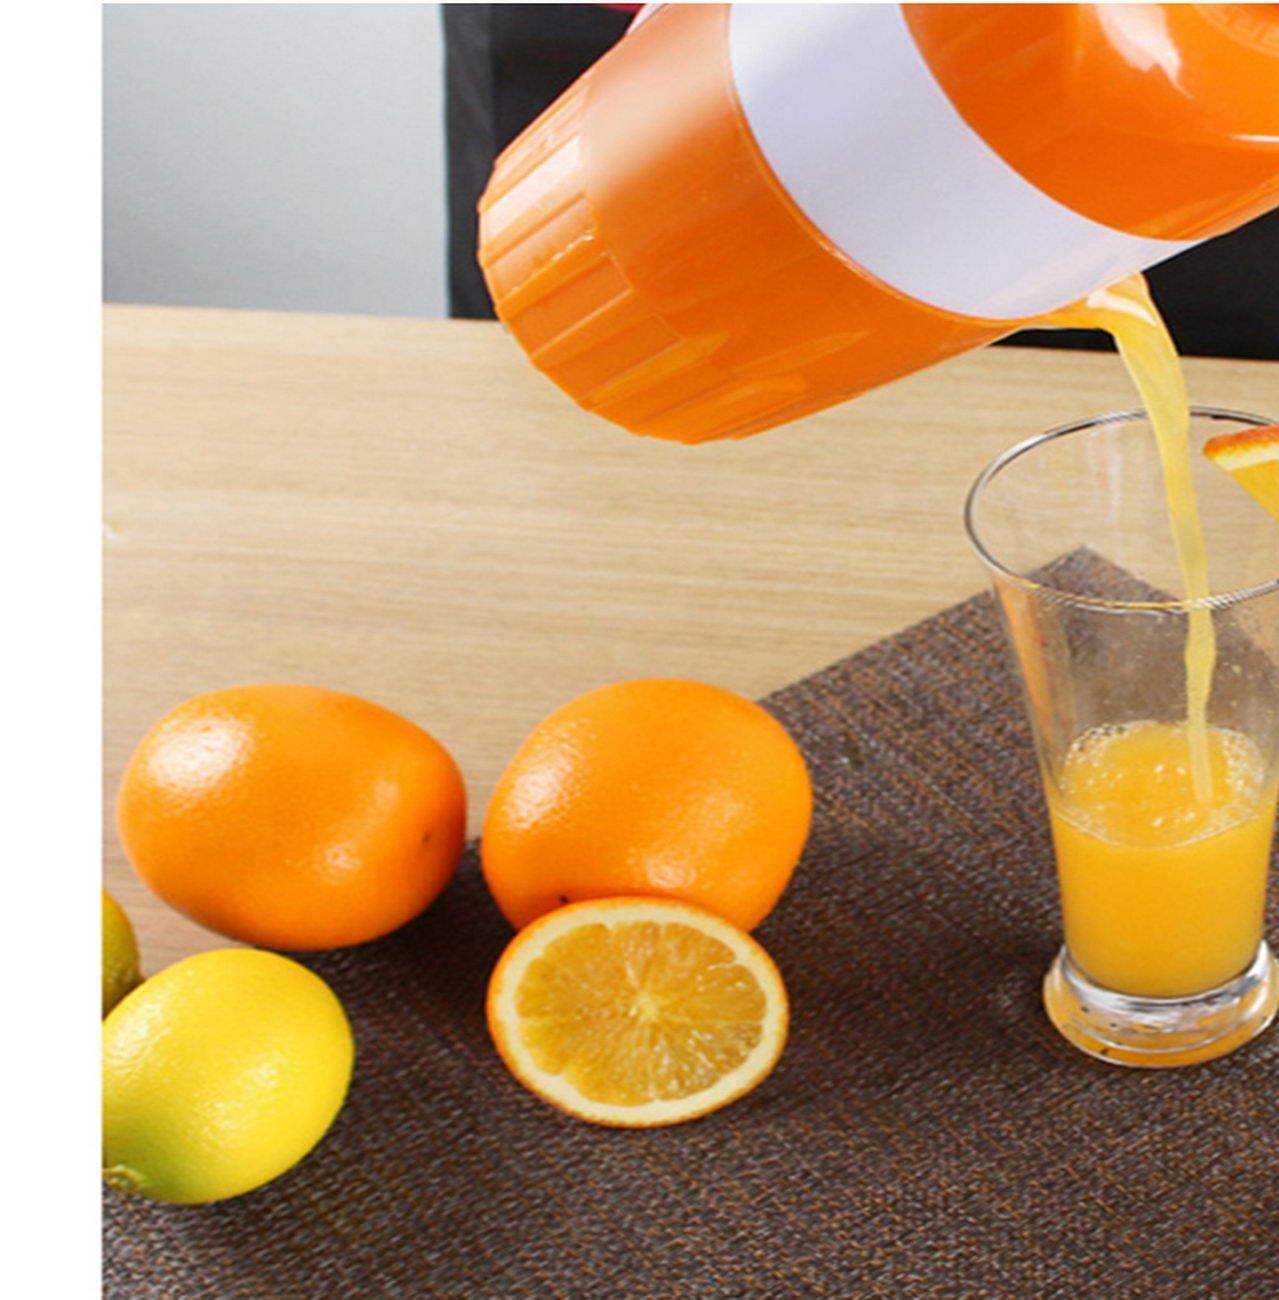 Lemon Juicer Orange Juice Maker Simple, Manual Press Household Juicer Bestmotoring